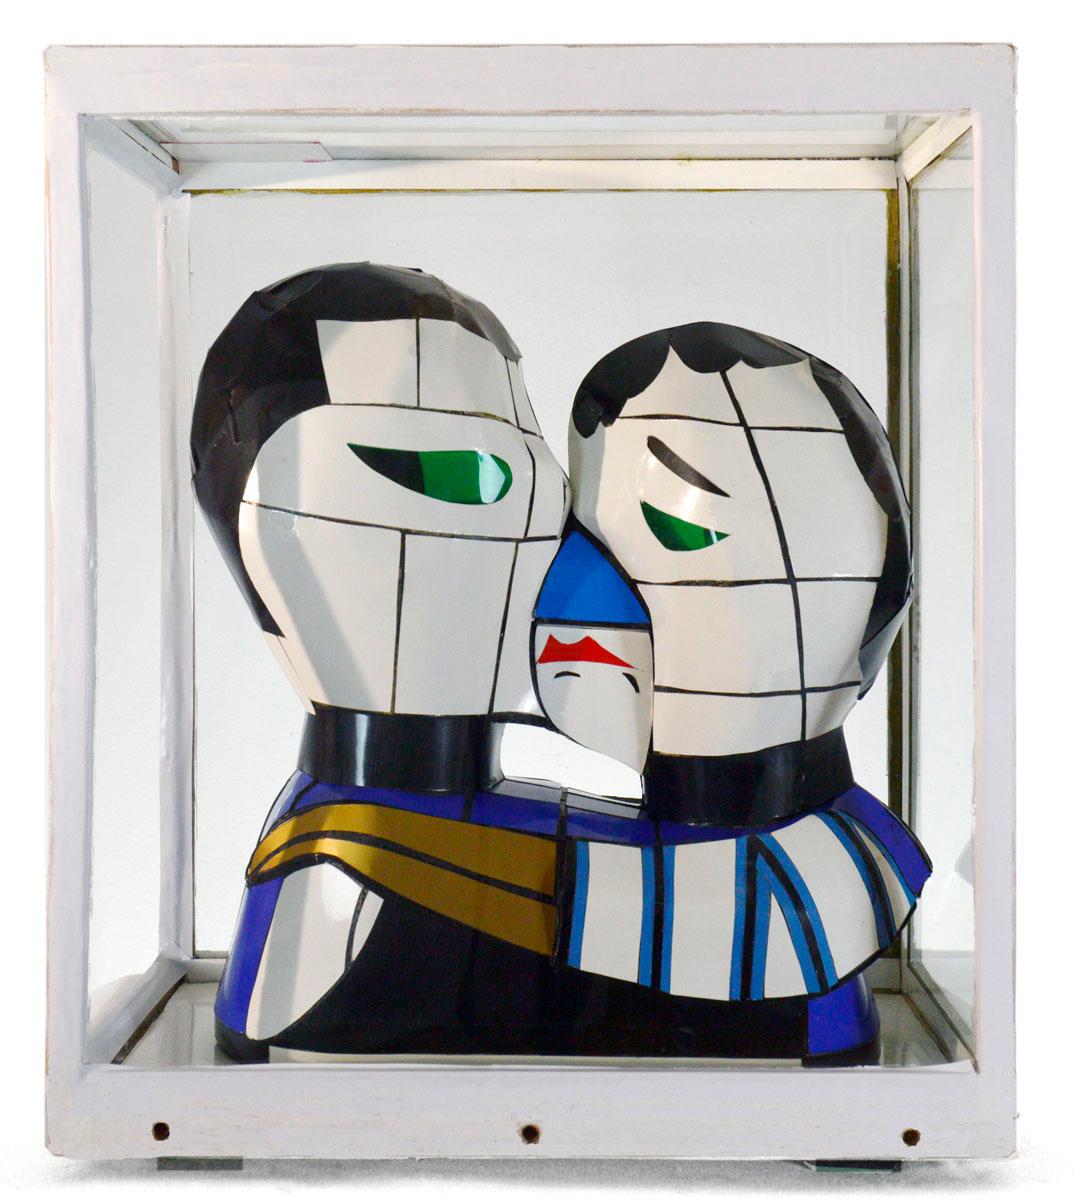 Vue de face d'une sculpture sous vitrine.